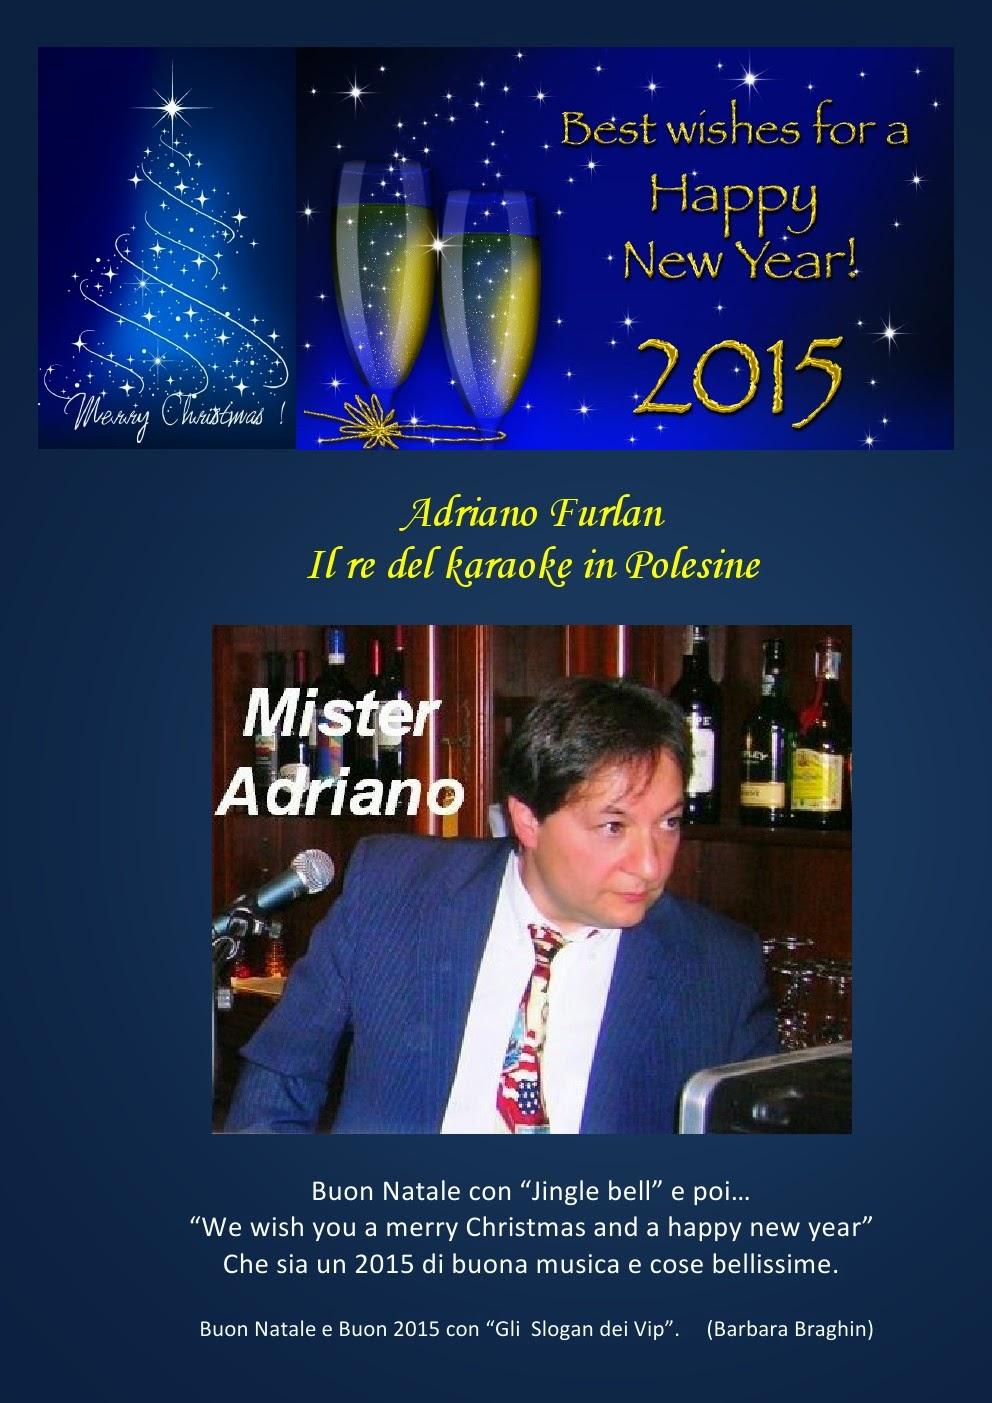 Buon Natale Karaoke.Gli Slogan Dei Vip Buon Natale E Buon 2015 Da Adriano Furlan Il Re